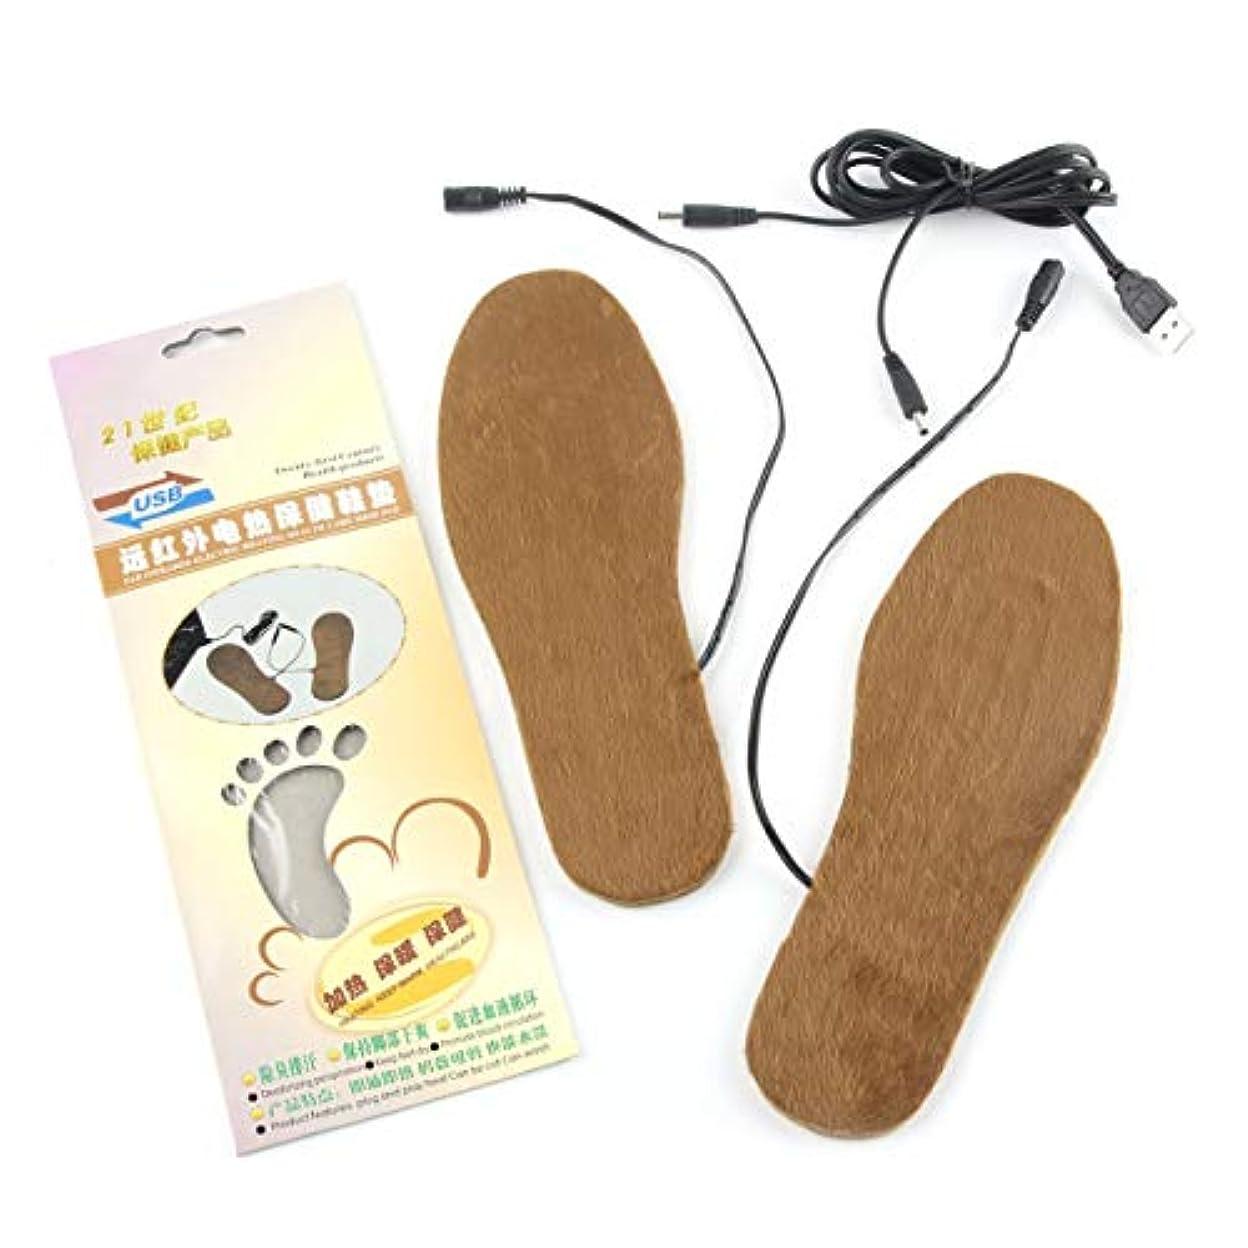 原子性的強度Saikogoods 1ペア切断可能冬のブーツインソールUSB温水フットウォーマーソフトシューズパッドクッション快適な靴のアクセサリー 淡い茶色 男性用